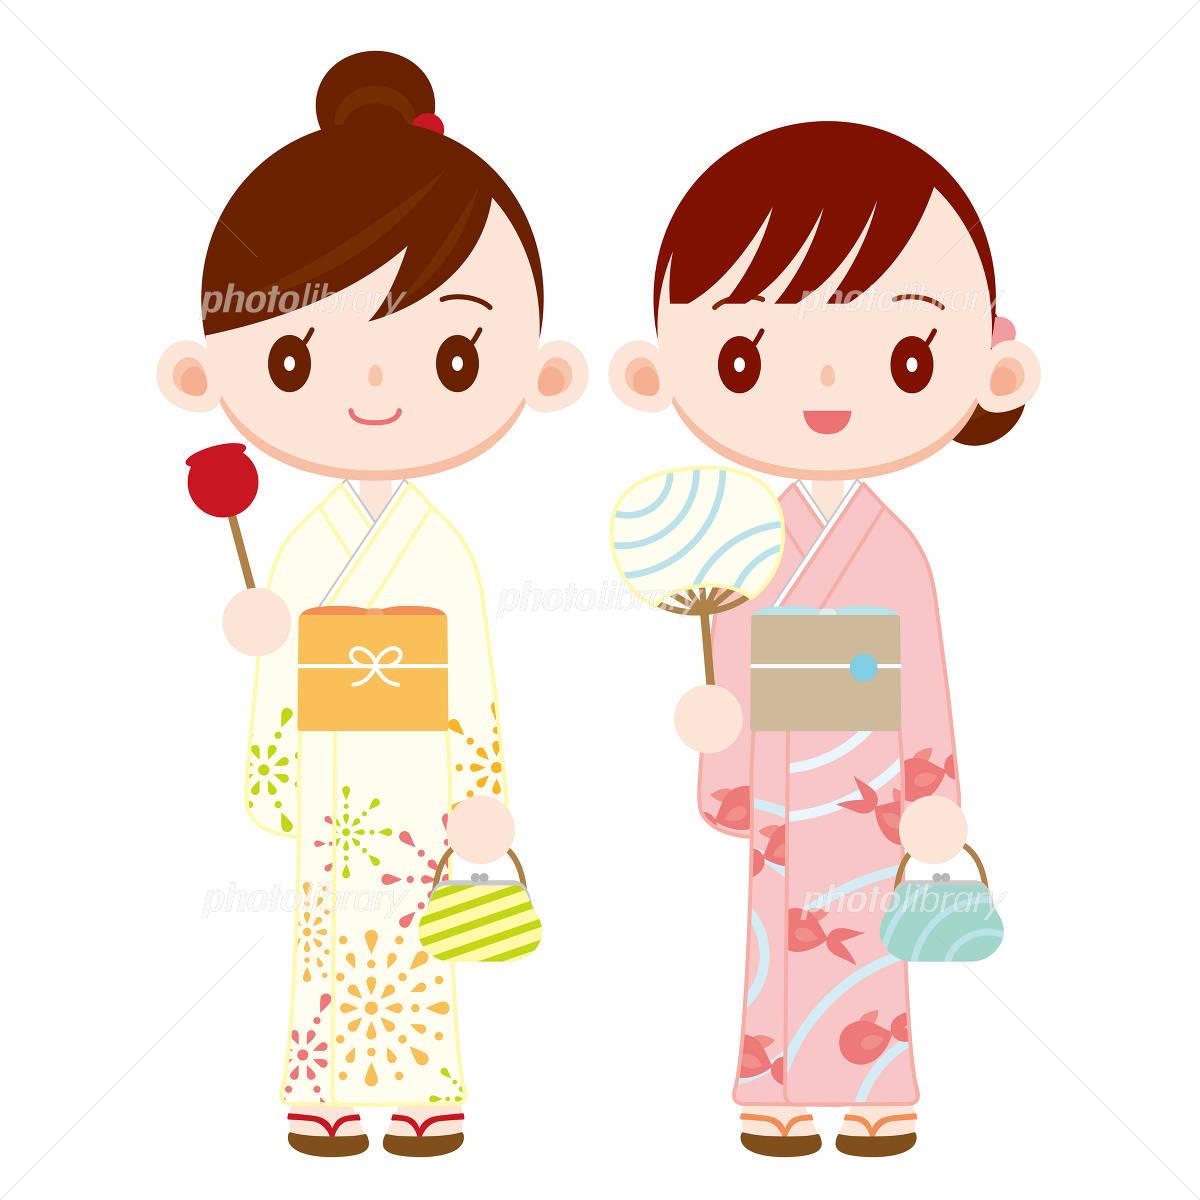 浴衣を着た女の子二人 夏祭り イラスト素材 968972 フォトライブ